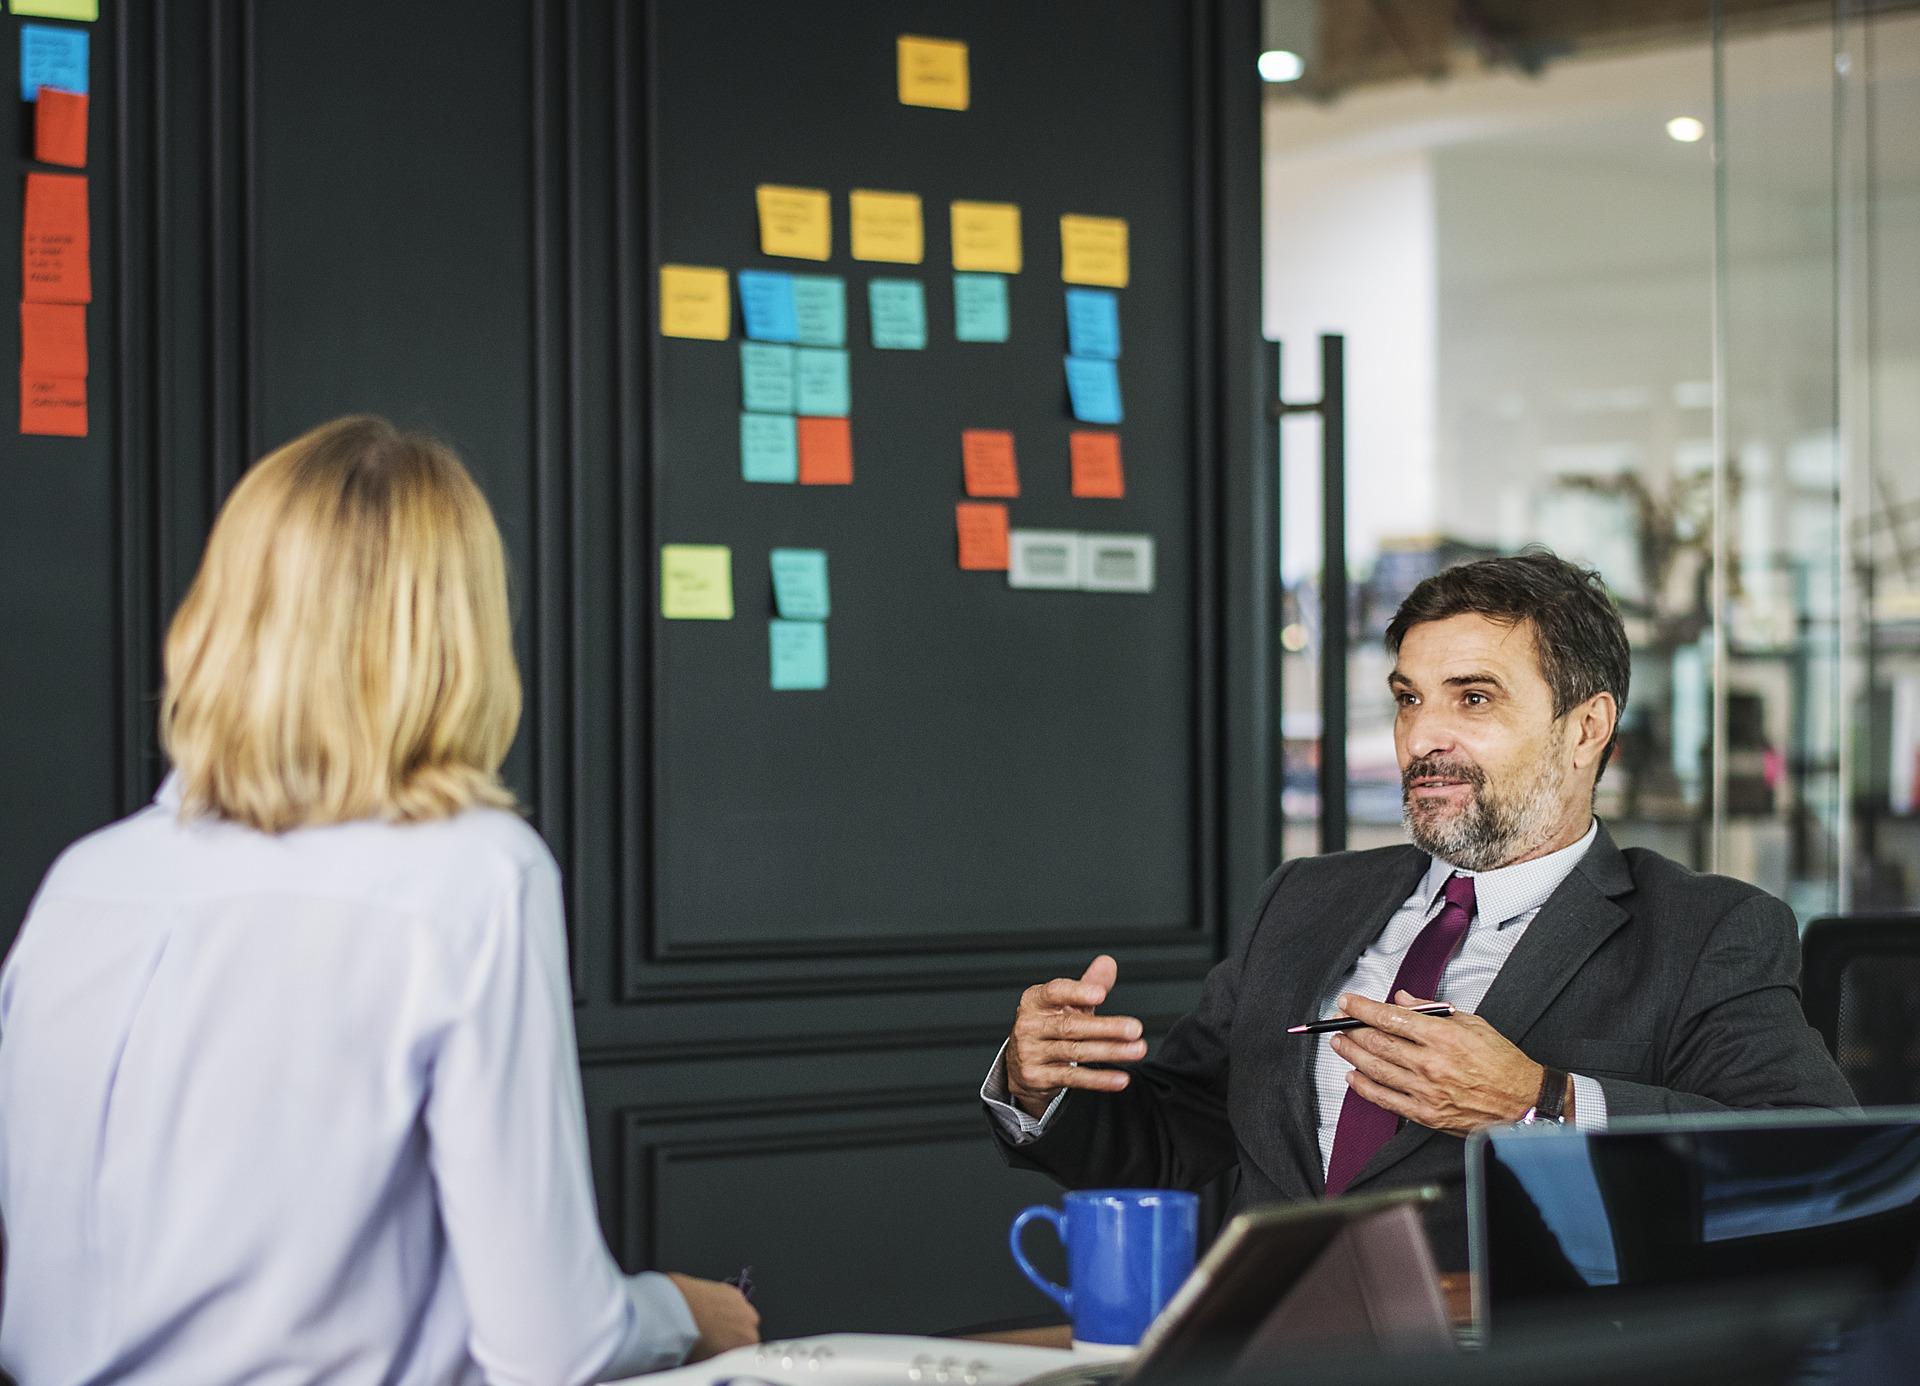 10 apuntes sobre el concepto seniority que debes saber